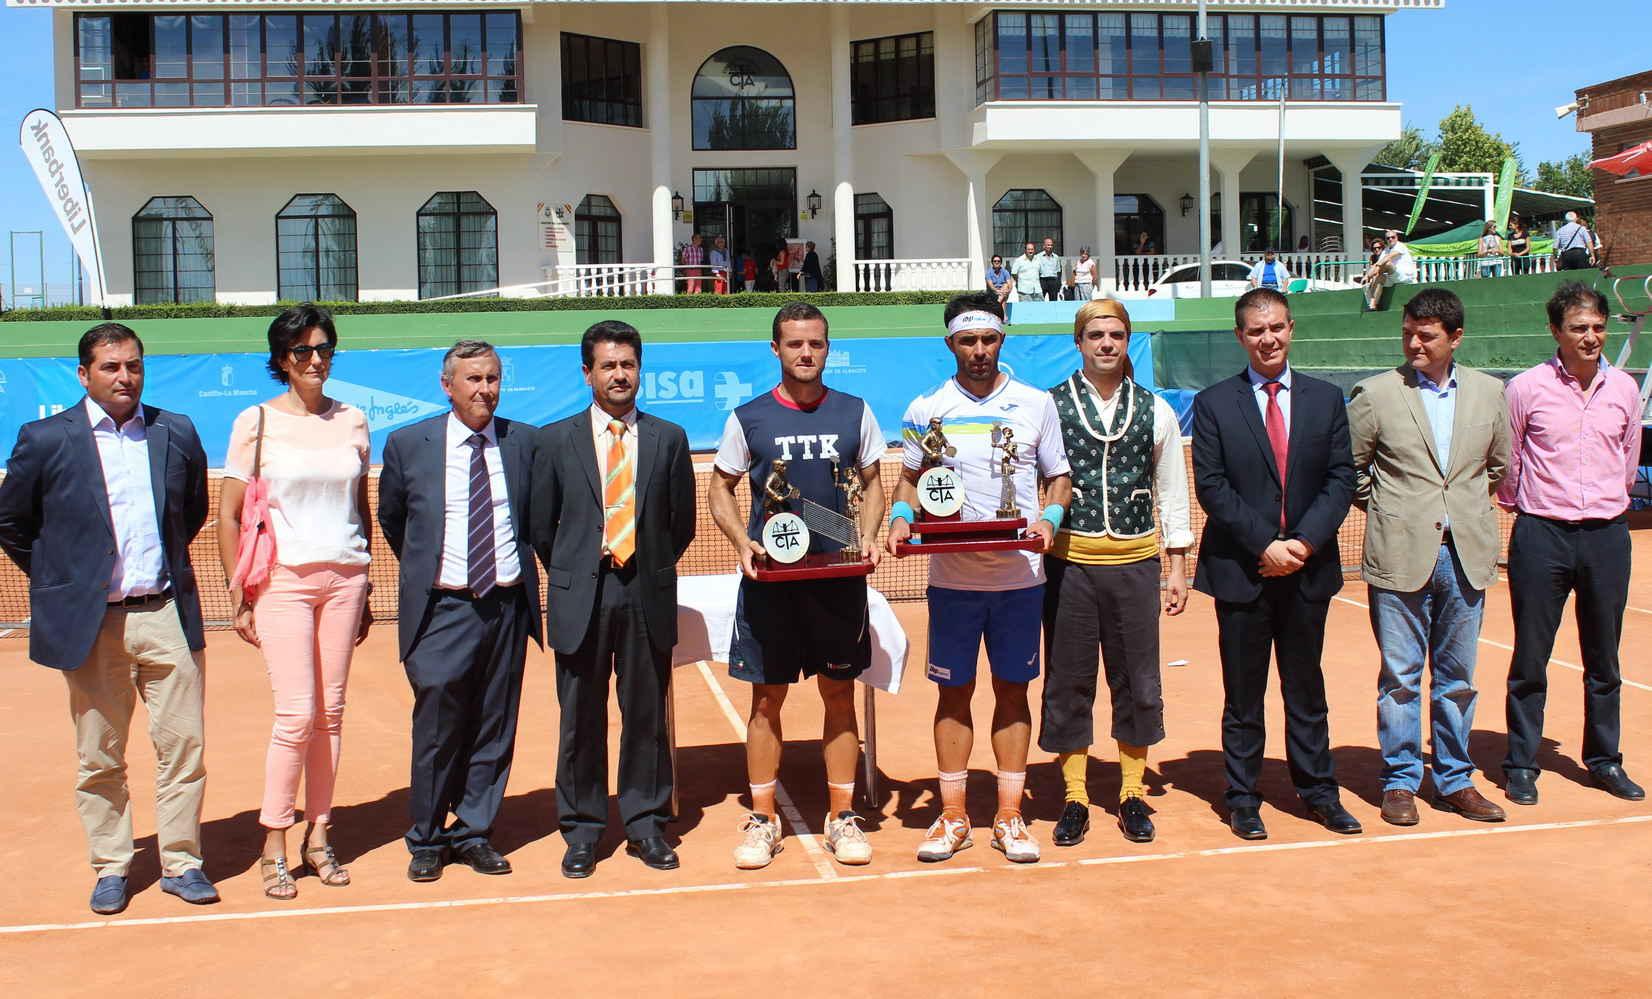 Finalistas del Trofeo Internacional de Tenis Ciudad de Albacete